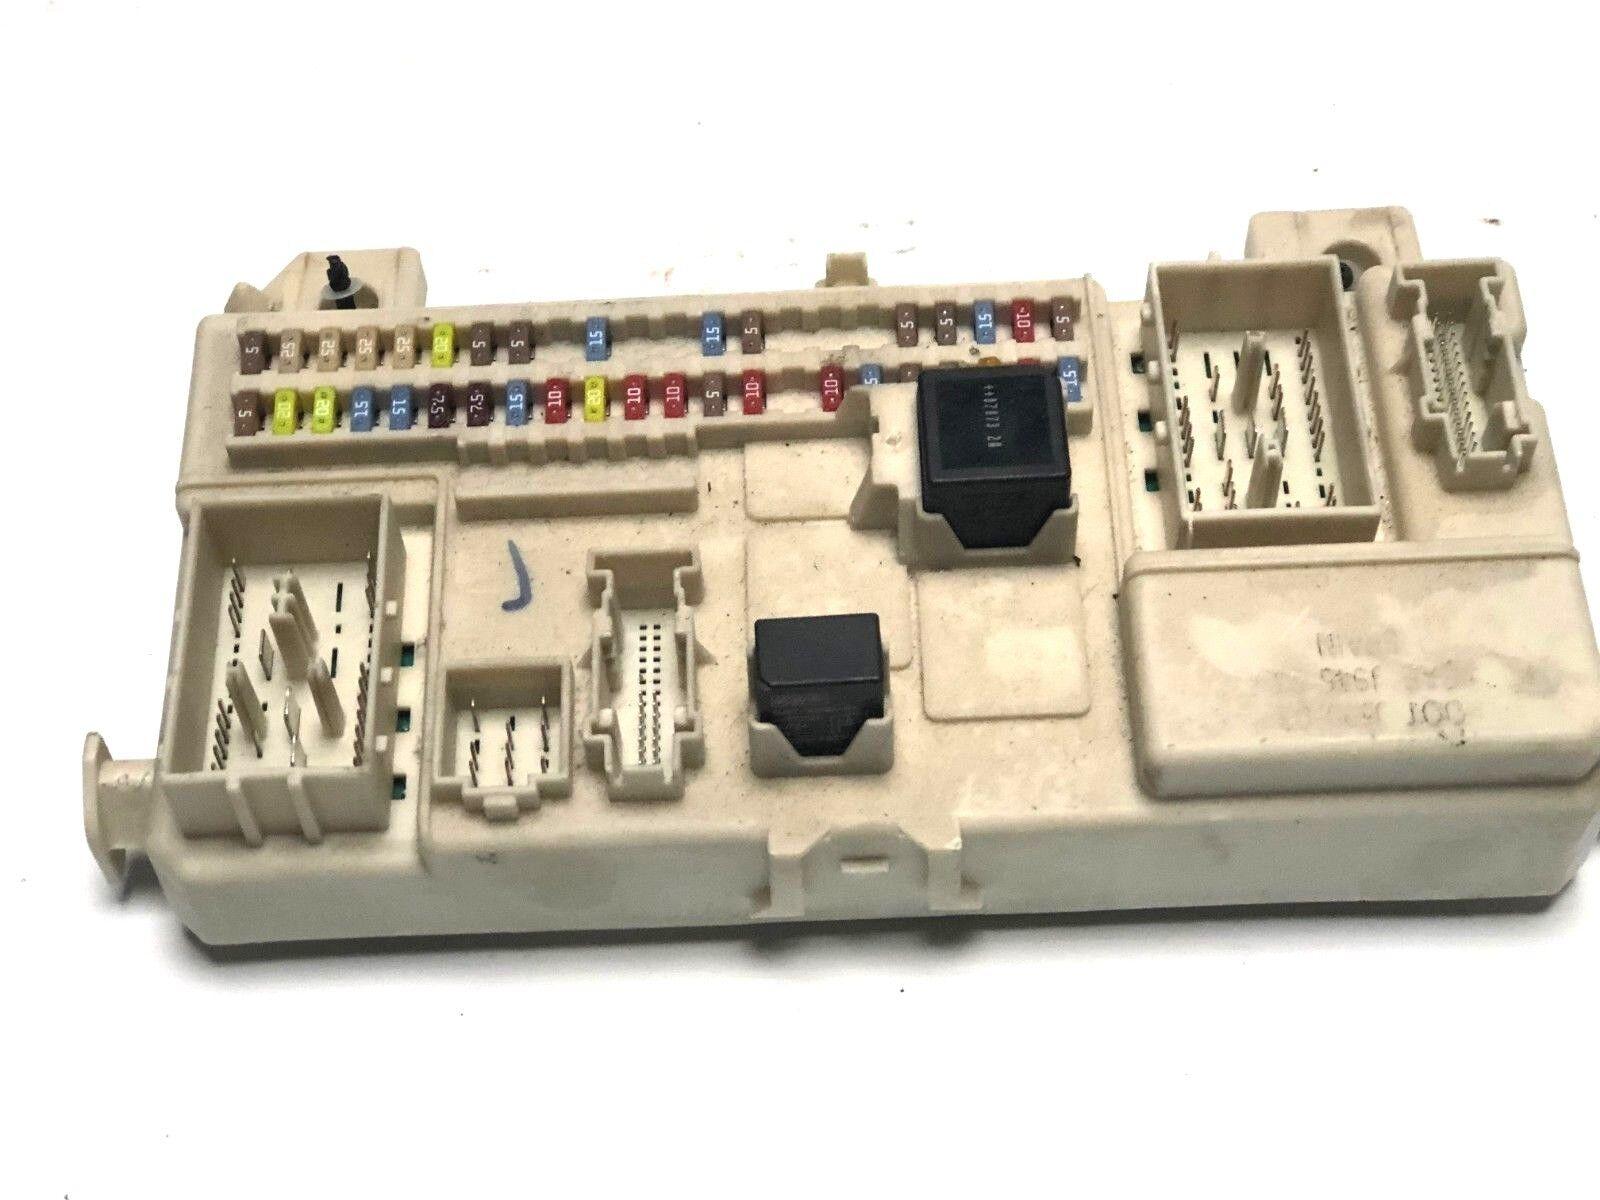 [DIAGRAM_1JK]  Volvo V40 1998 Flasher Unit Relay Module OEM MB953383 for sale online | eBay | Volvo V40 1998 Fuse Box |  | eBay